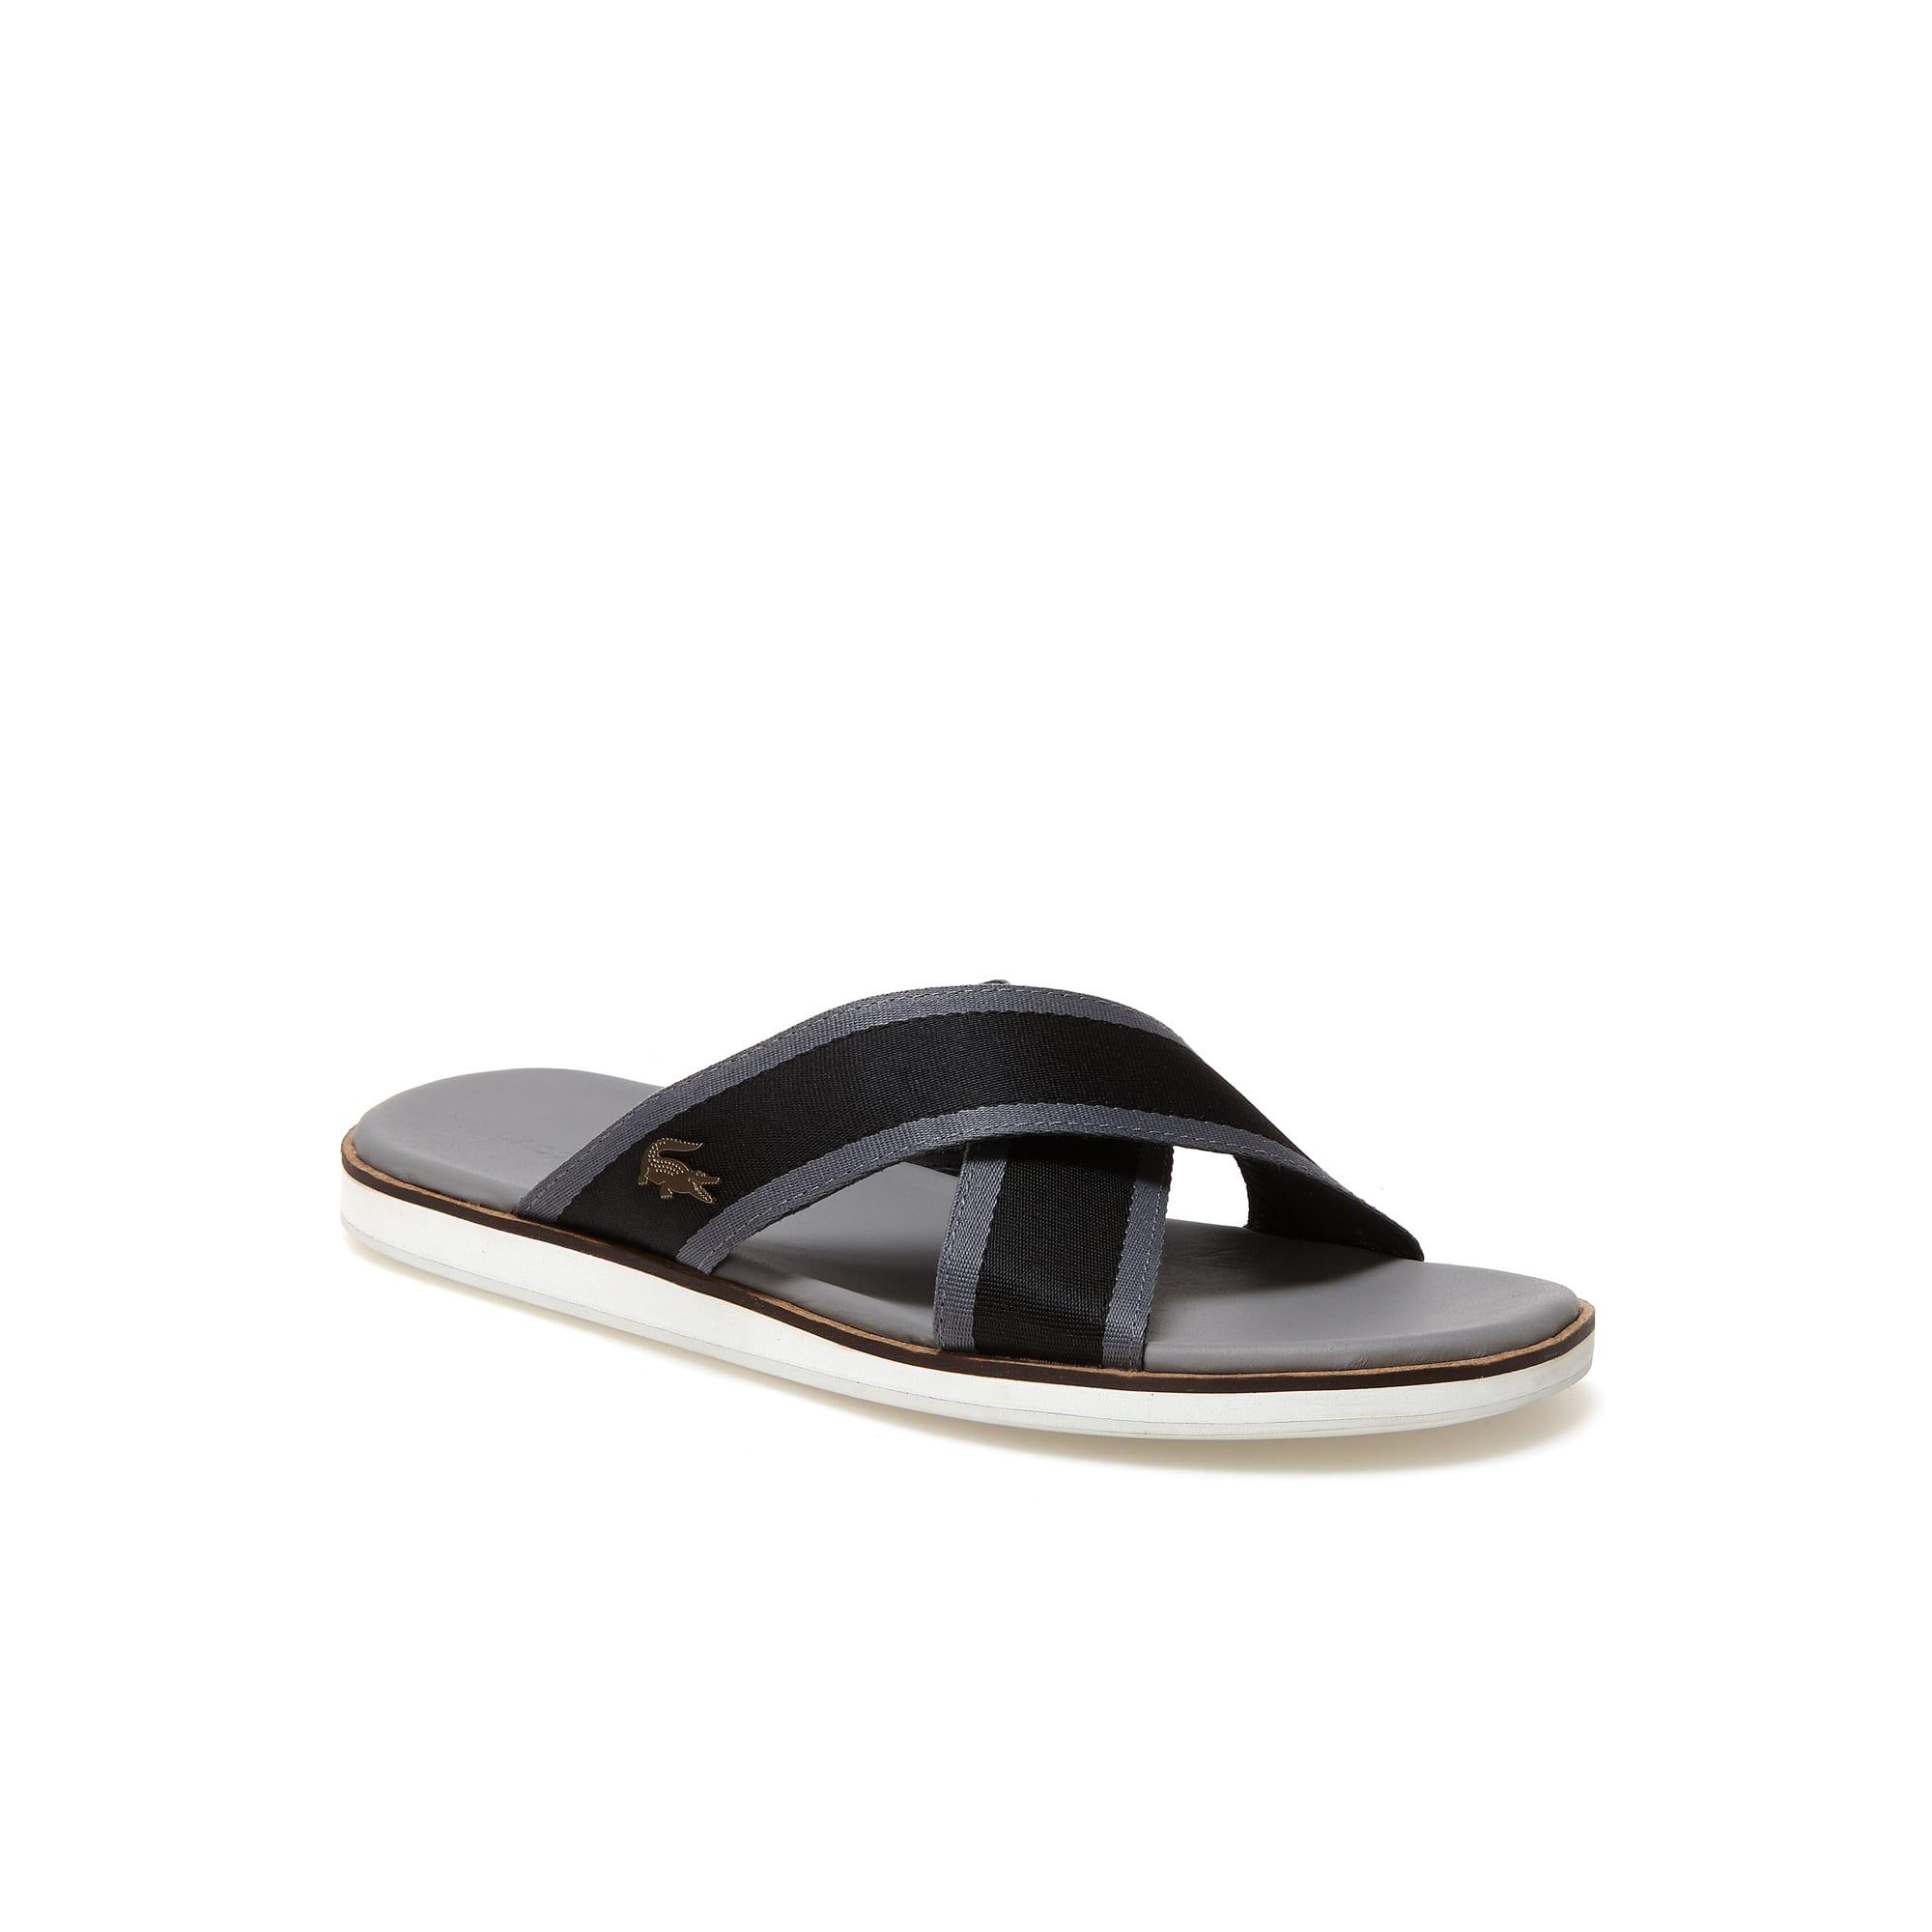 Sandali da uomo Coupri in pelle